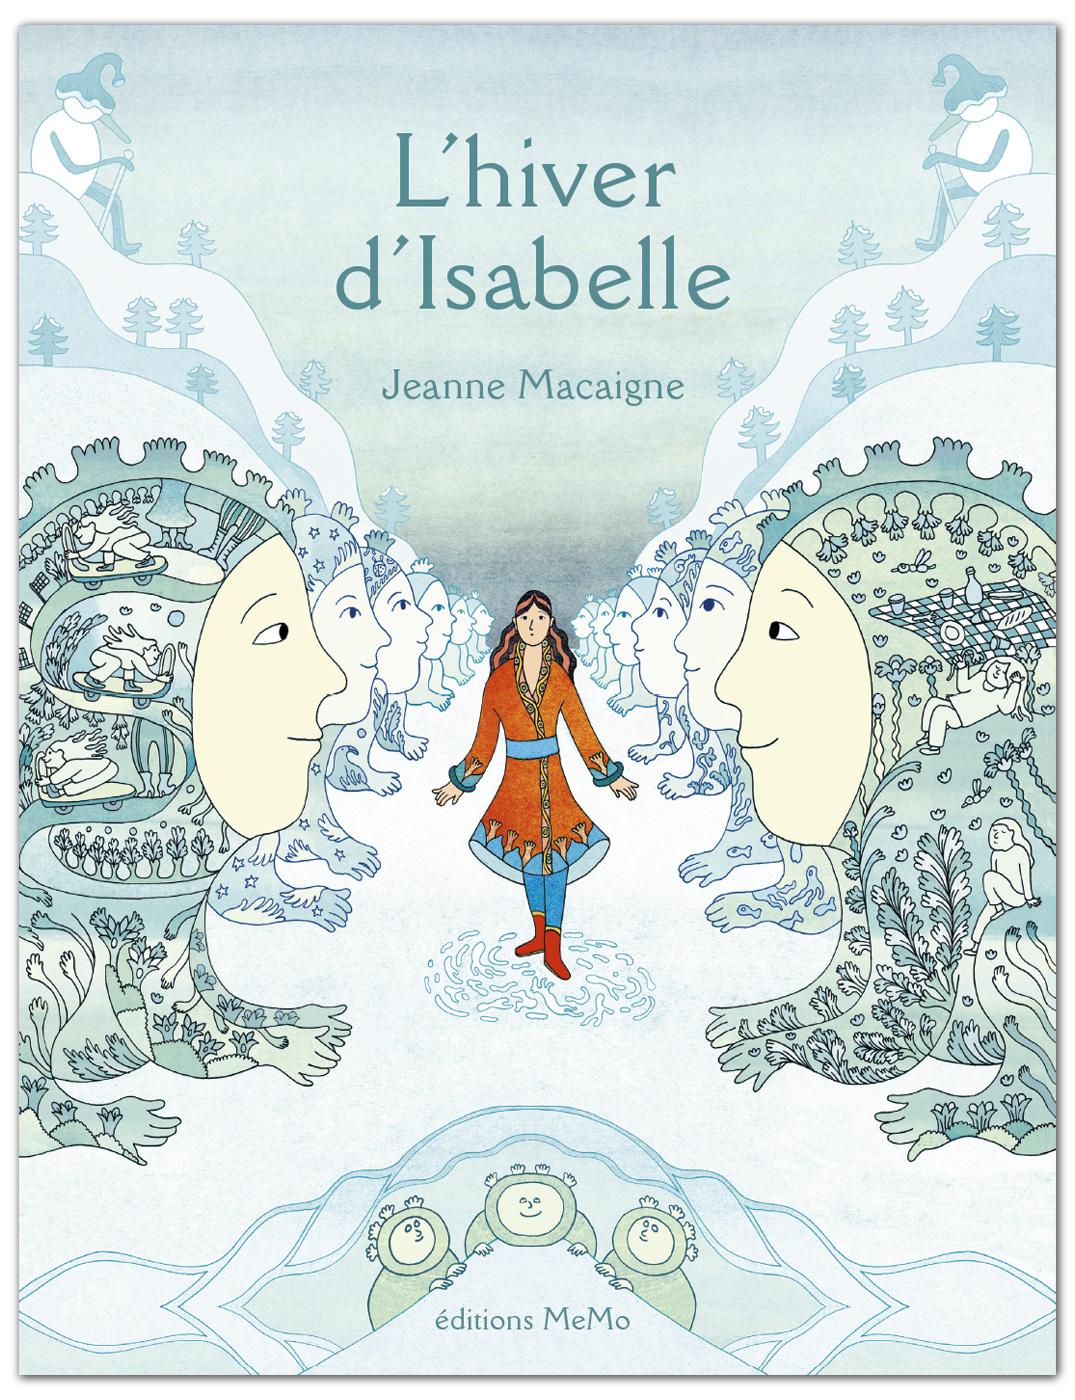 L'hiver d'Isabelle